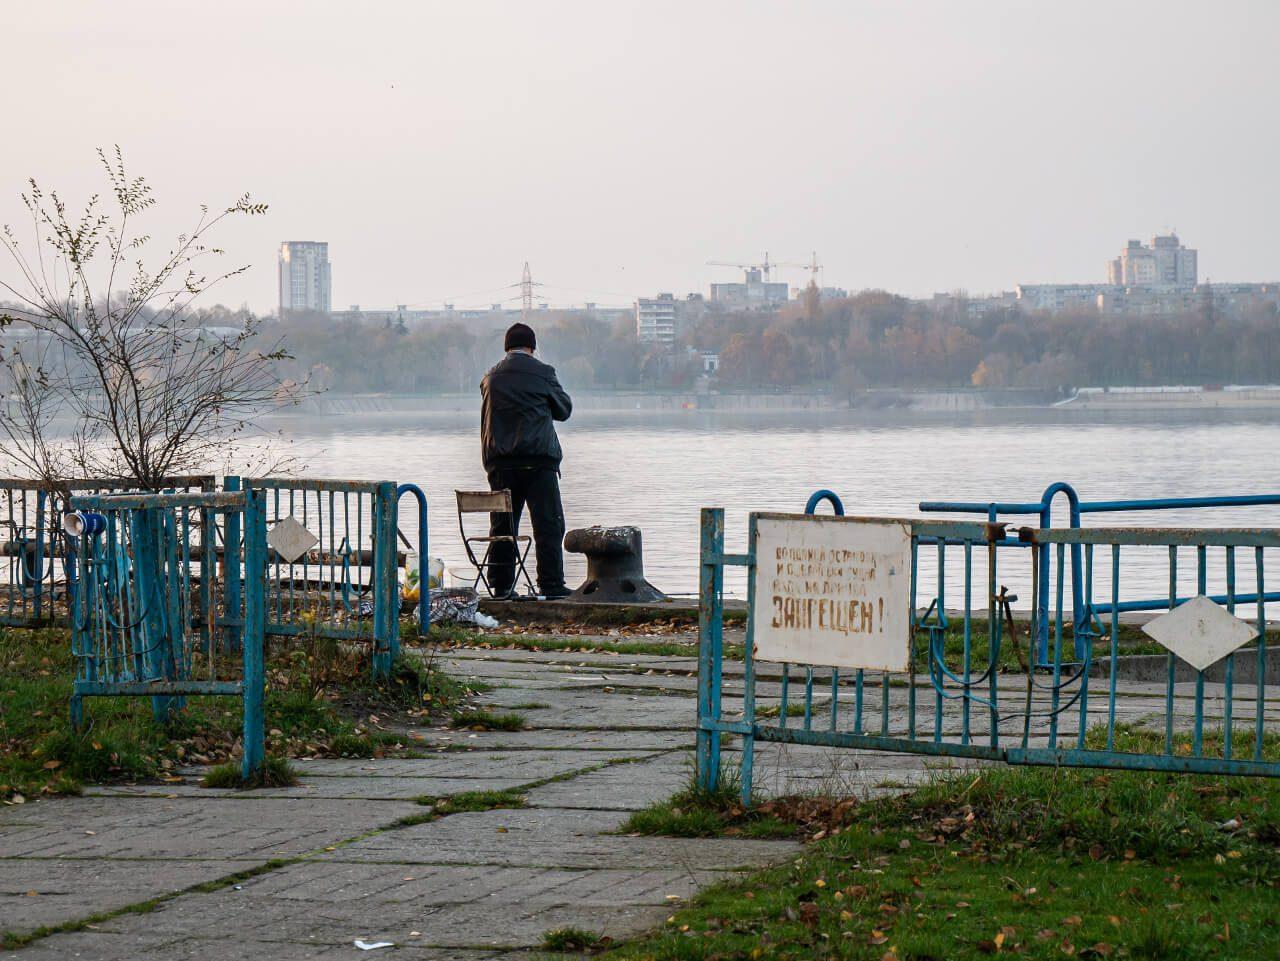 Wybrzeże Dniepru Zaporoże